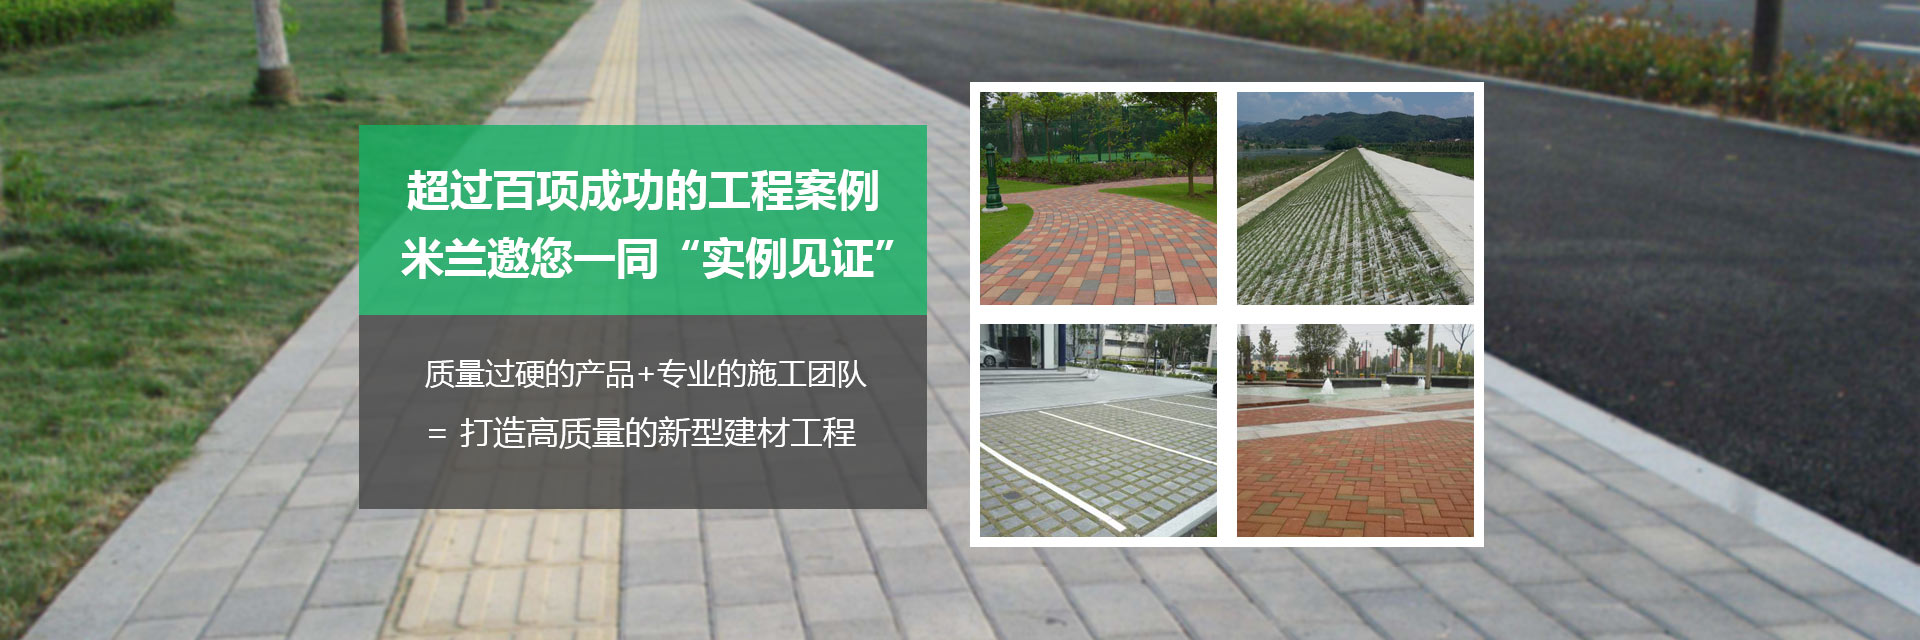 河南护坡砖建菱砖价格